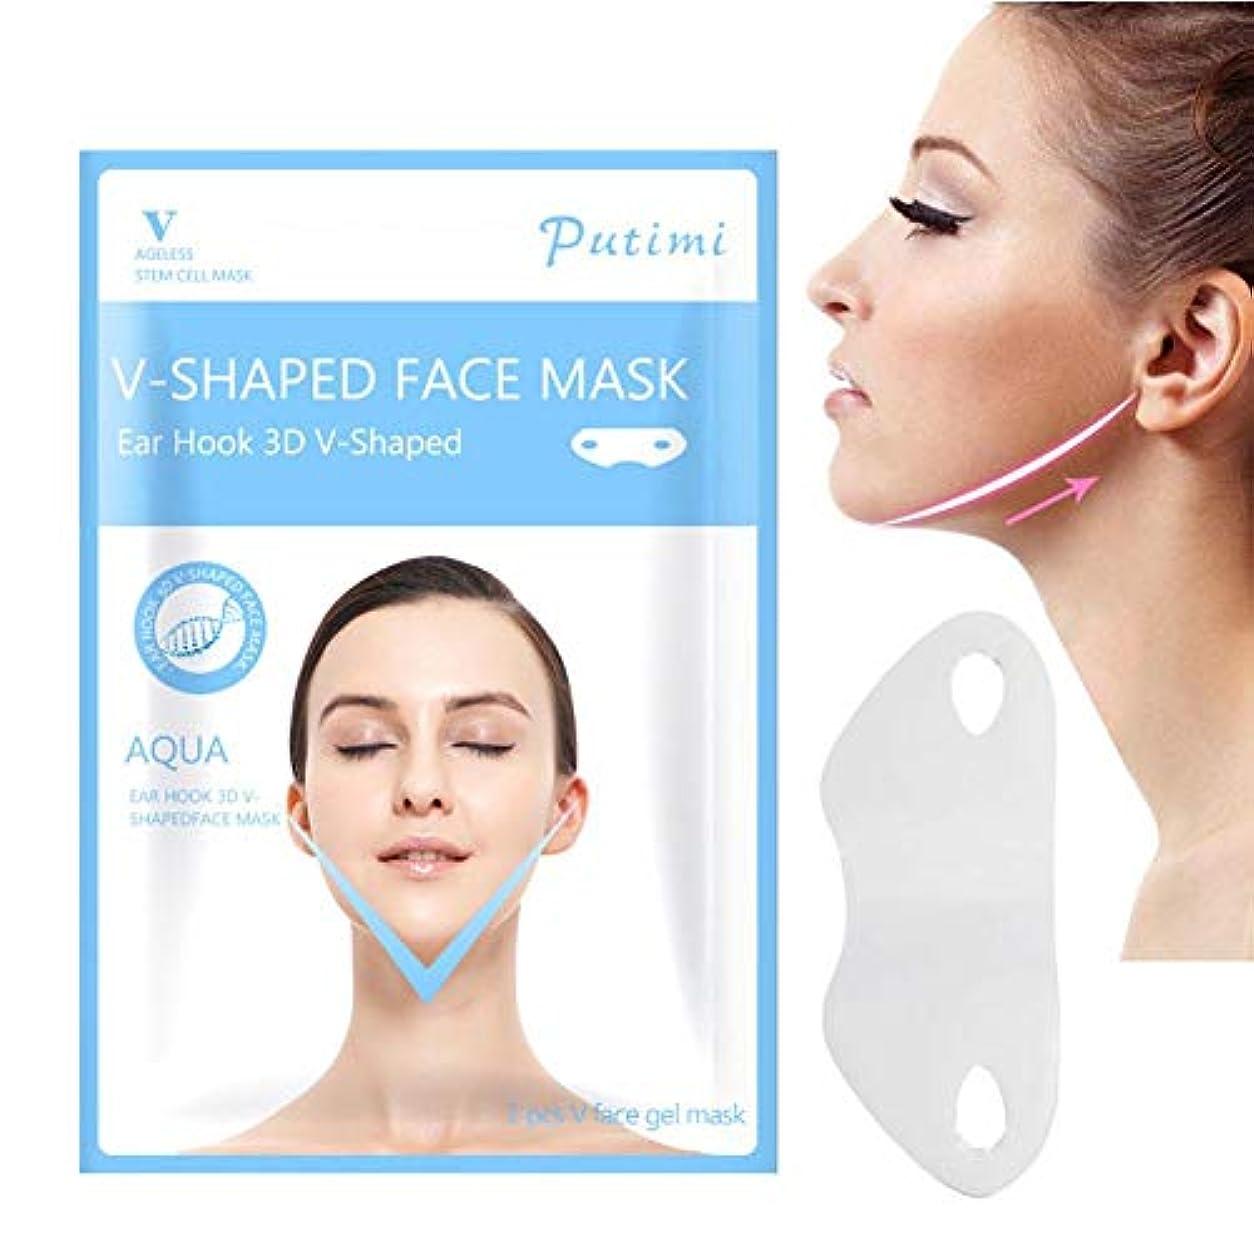 自体制約汚物SILUN 最新型 Vフェイシャルマスク フェイスマスク 小顔 マスク フェイスラインベルト 美顔 顔痩せ 保湿 血行を促進する 睡眠マスク